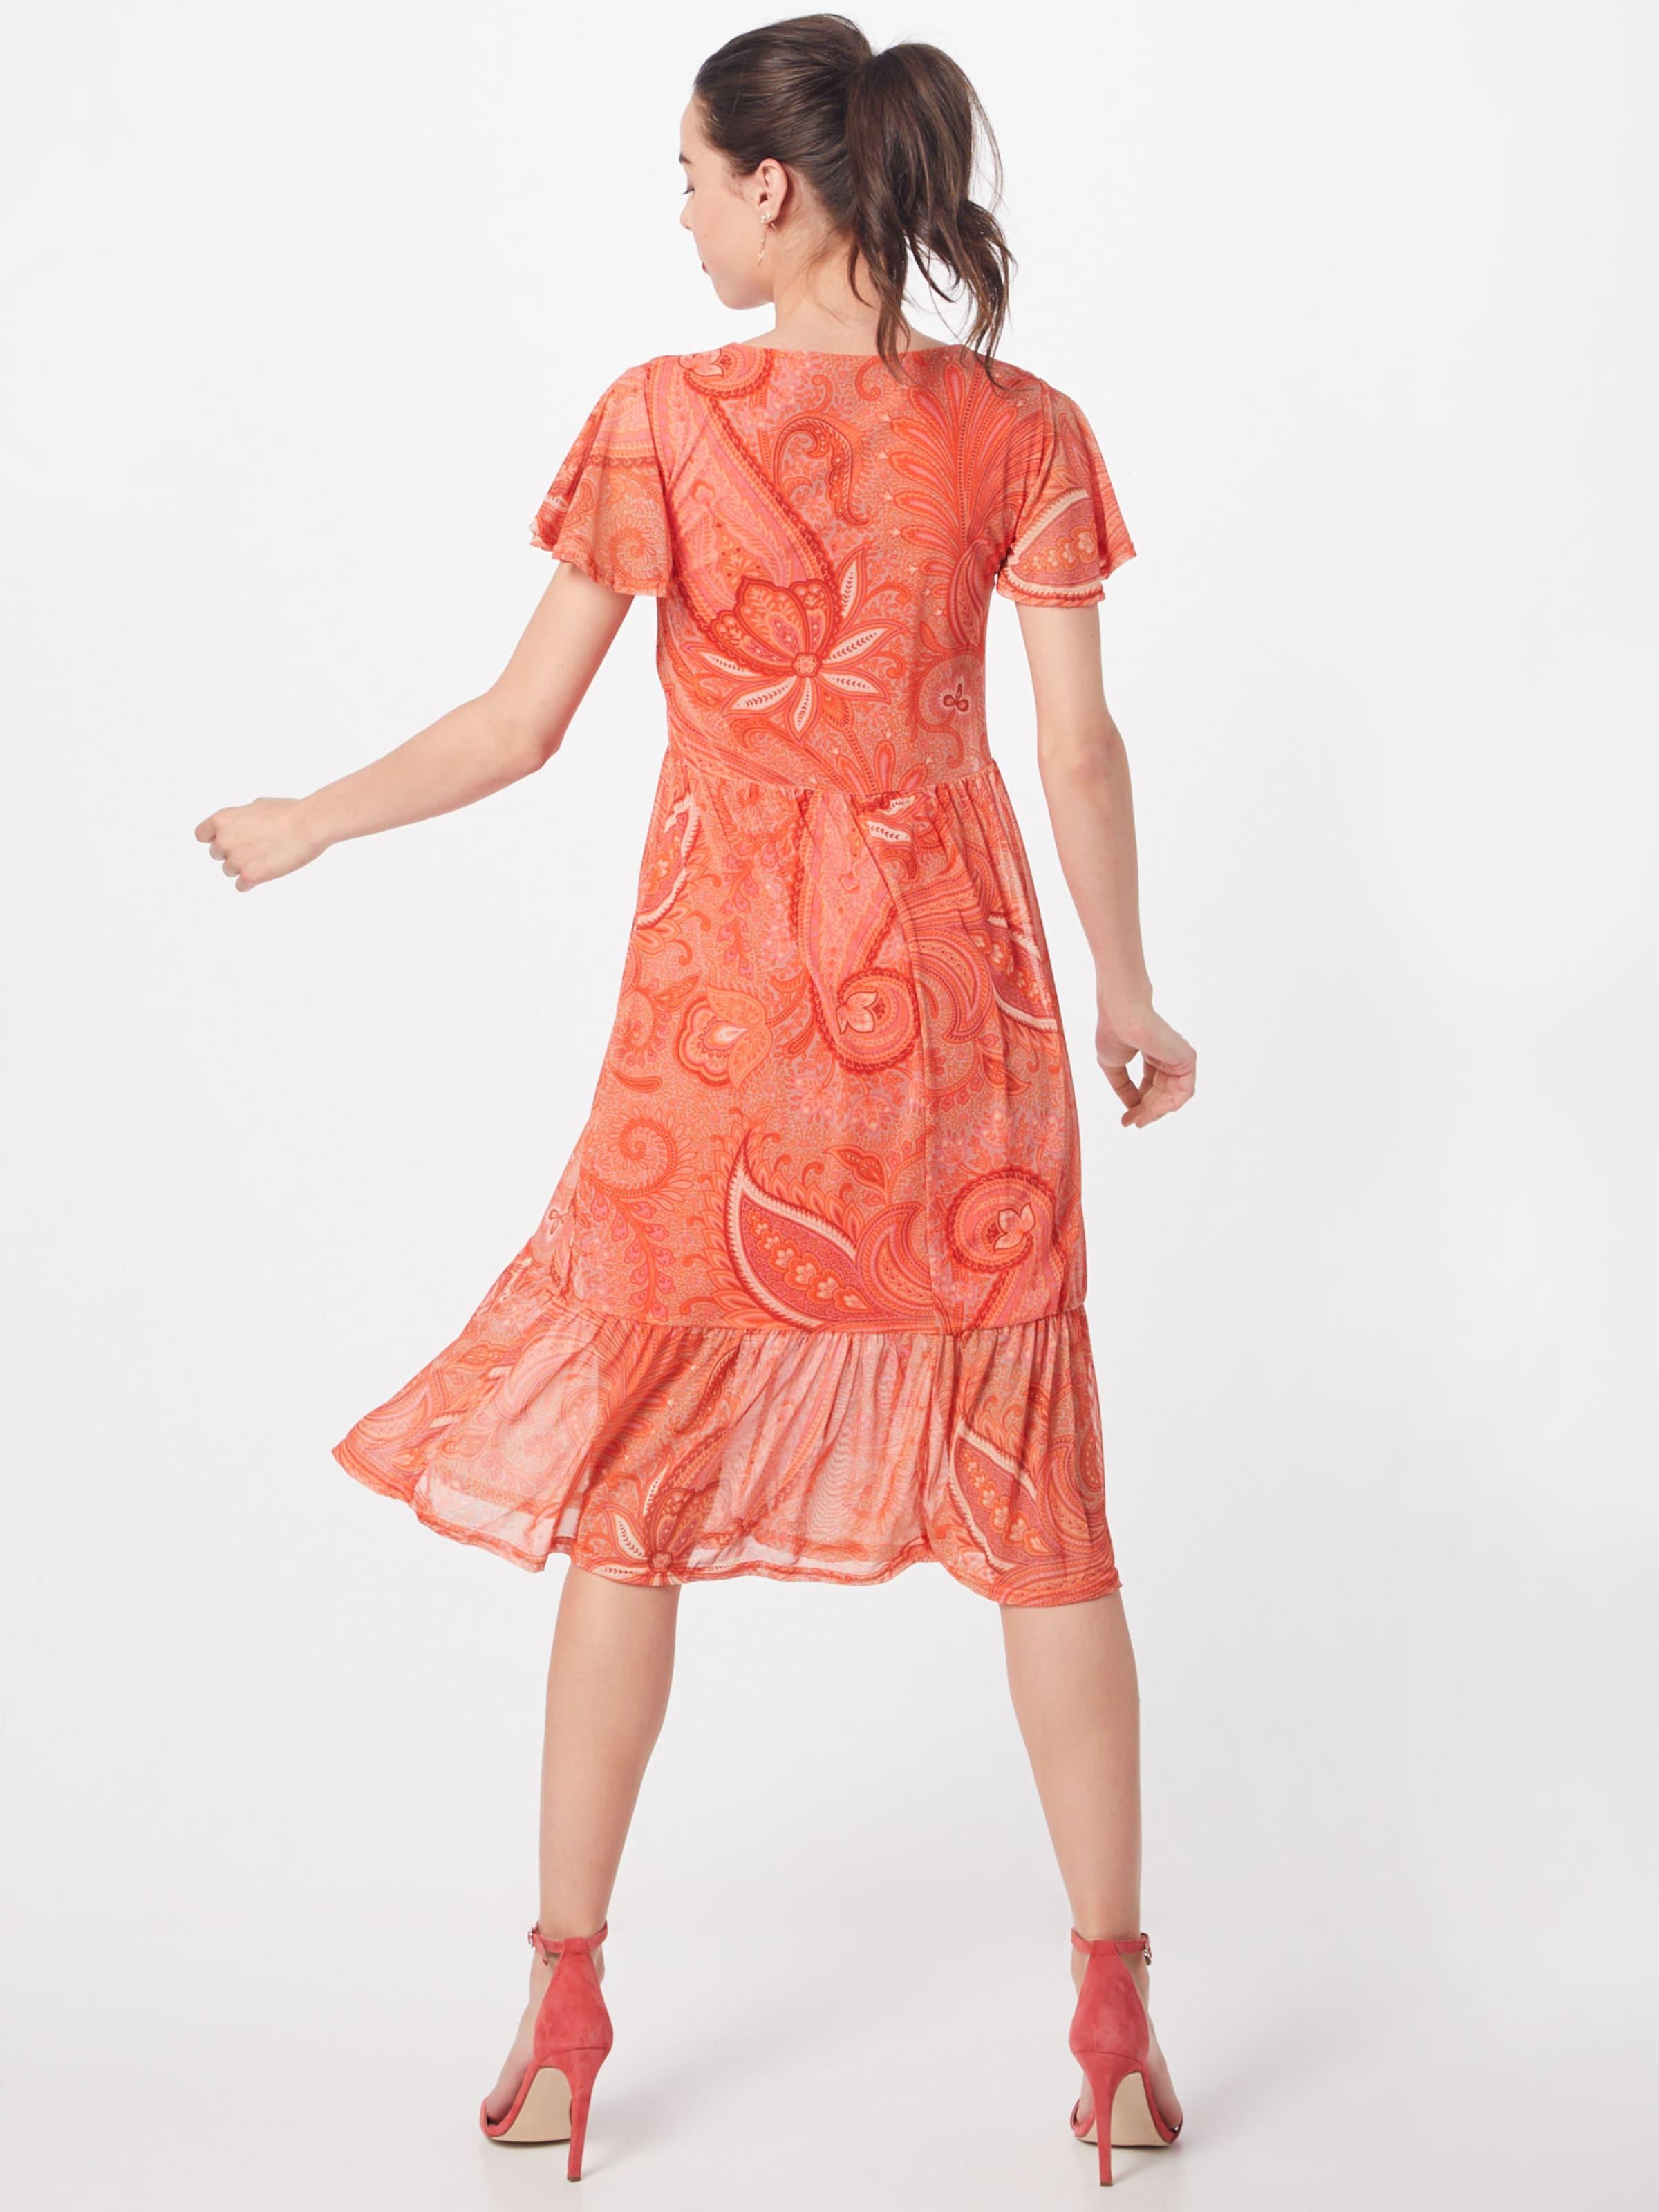 Kleid Kleid OrangeDunkelorange Kleid Cream OrangeDunkelorange Cream In 'lina' 'lina' In Cream Yvf6ygb7